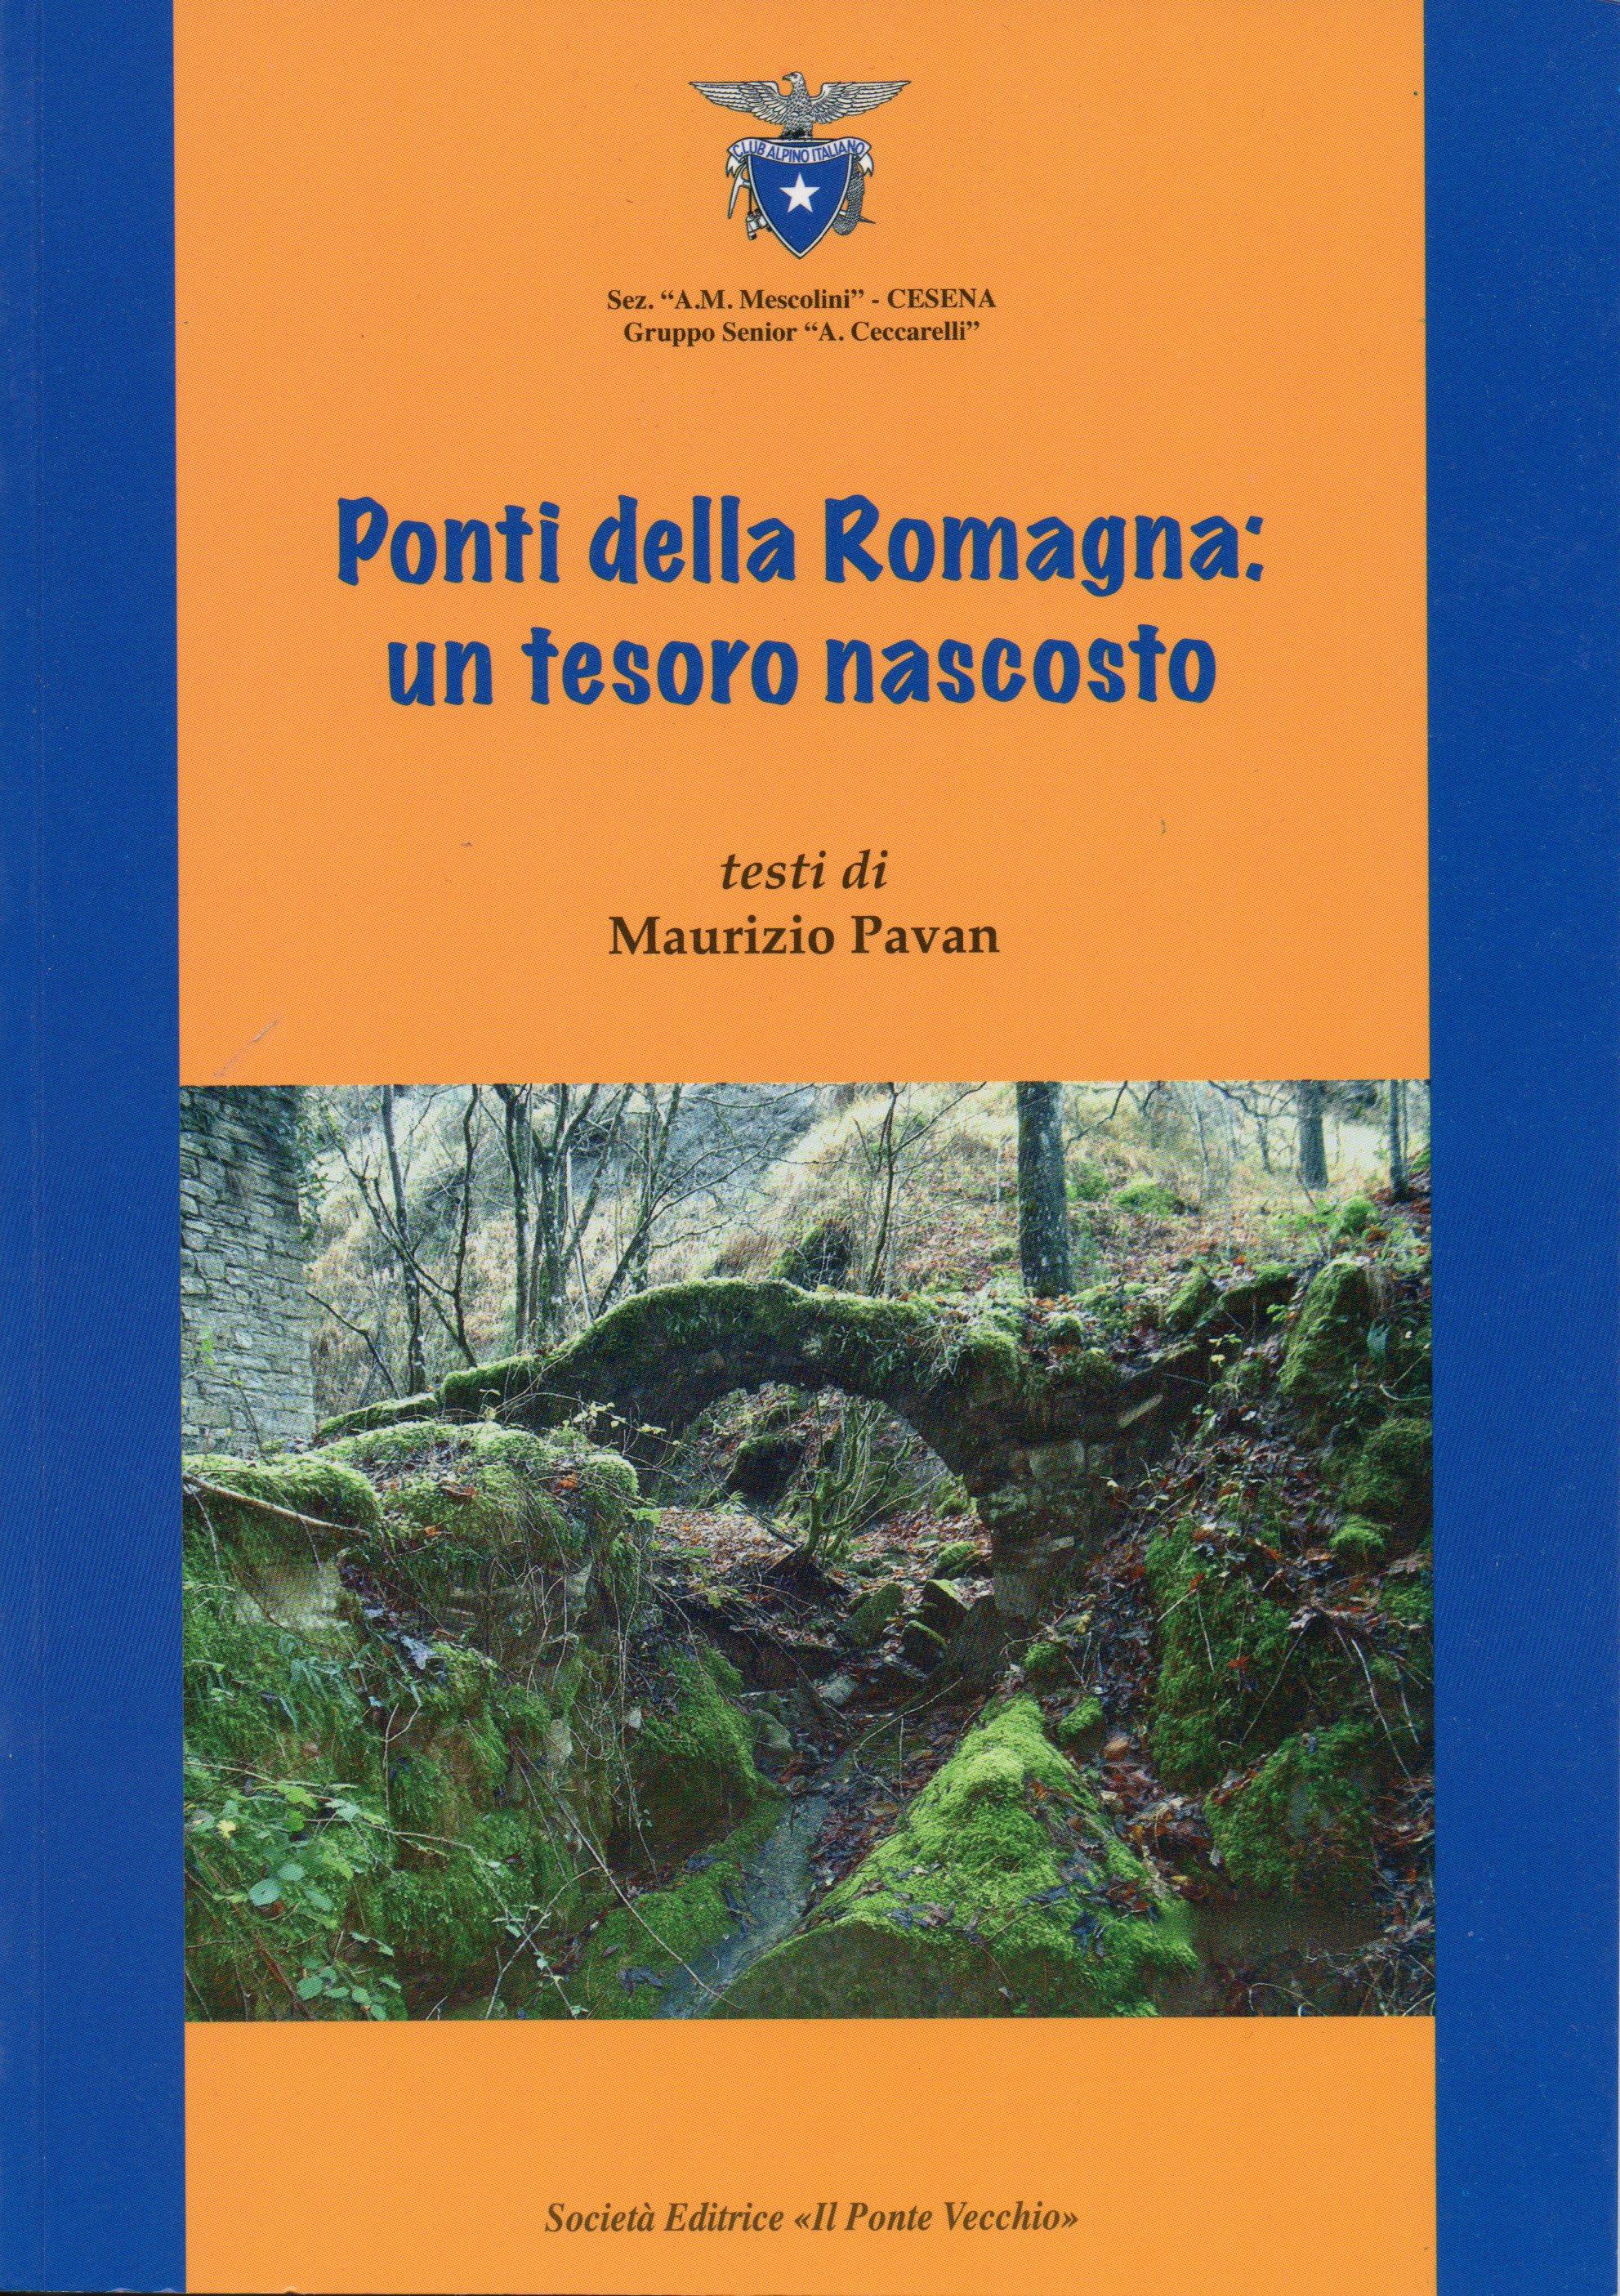 Ponti della Romagna